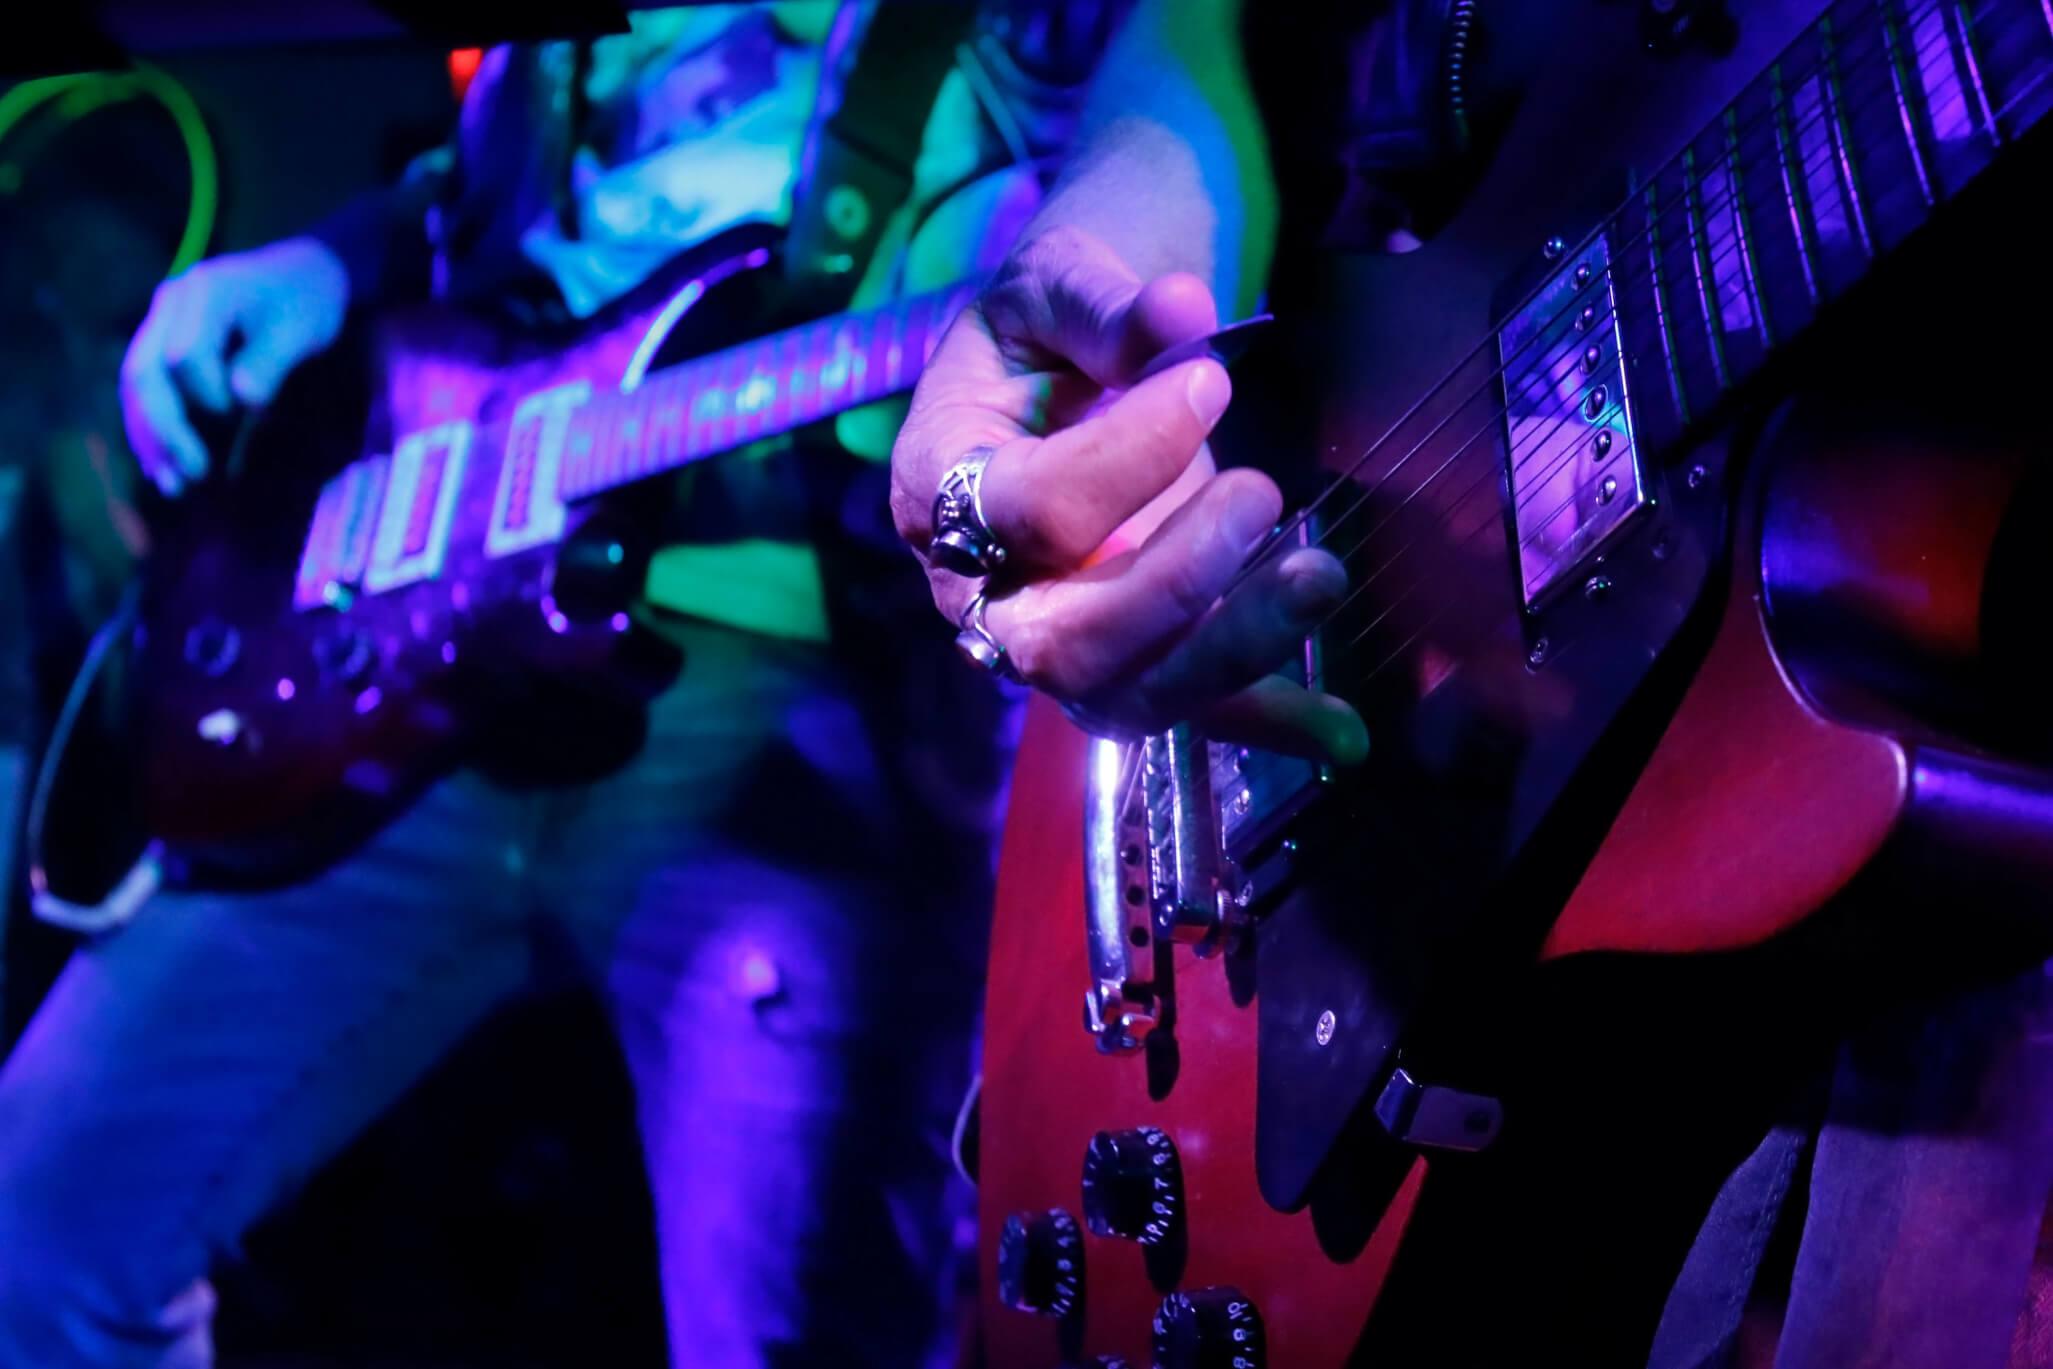 guitarist jamming